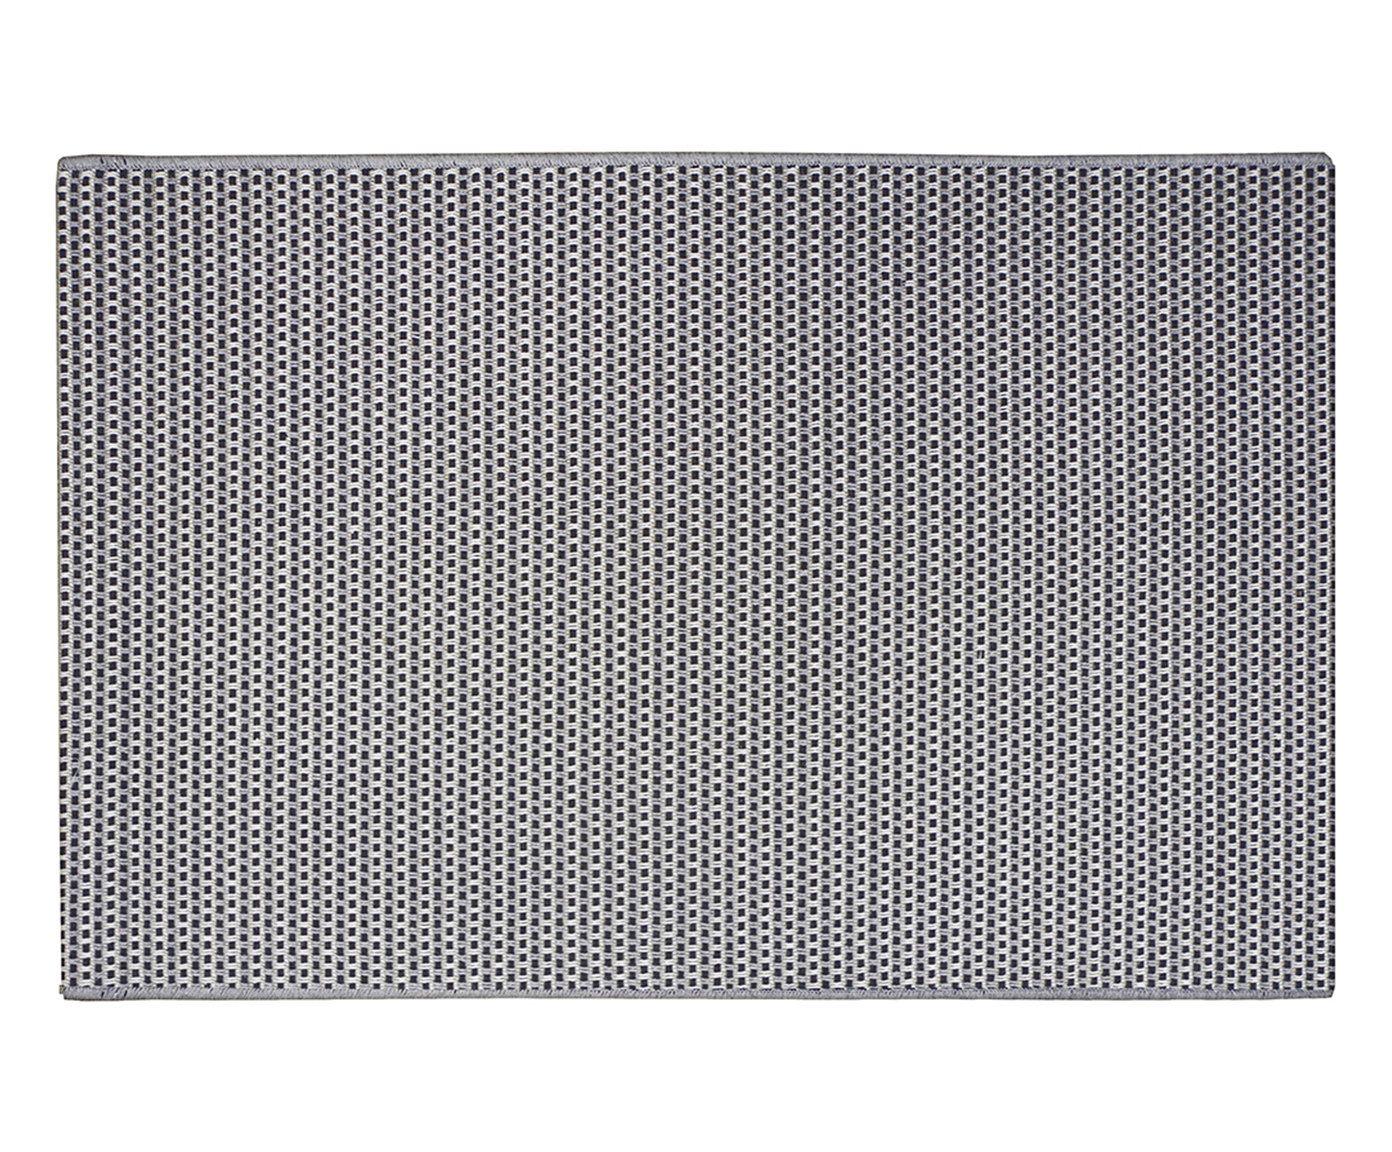 Tapete Cotton Texture Jeans - 200X250cm | Westwing.com.br